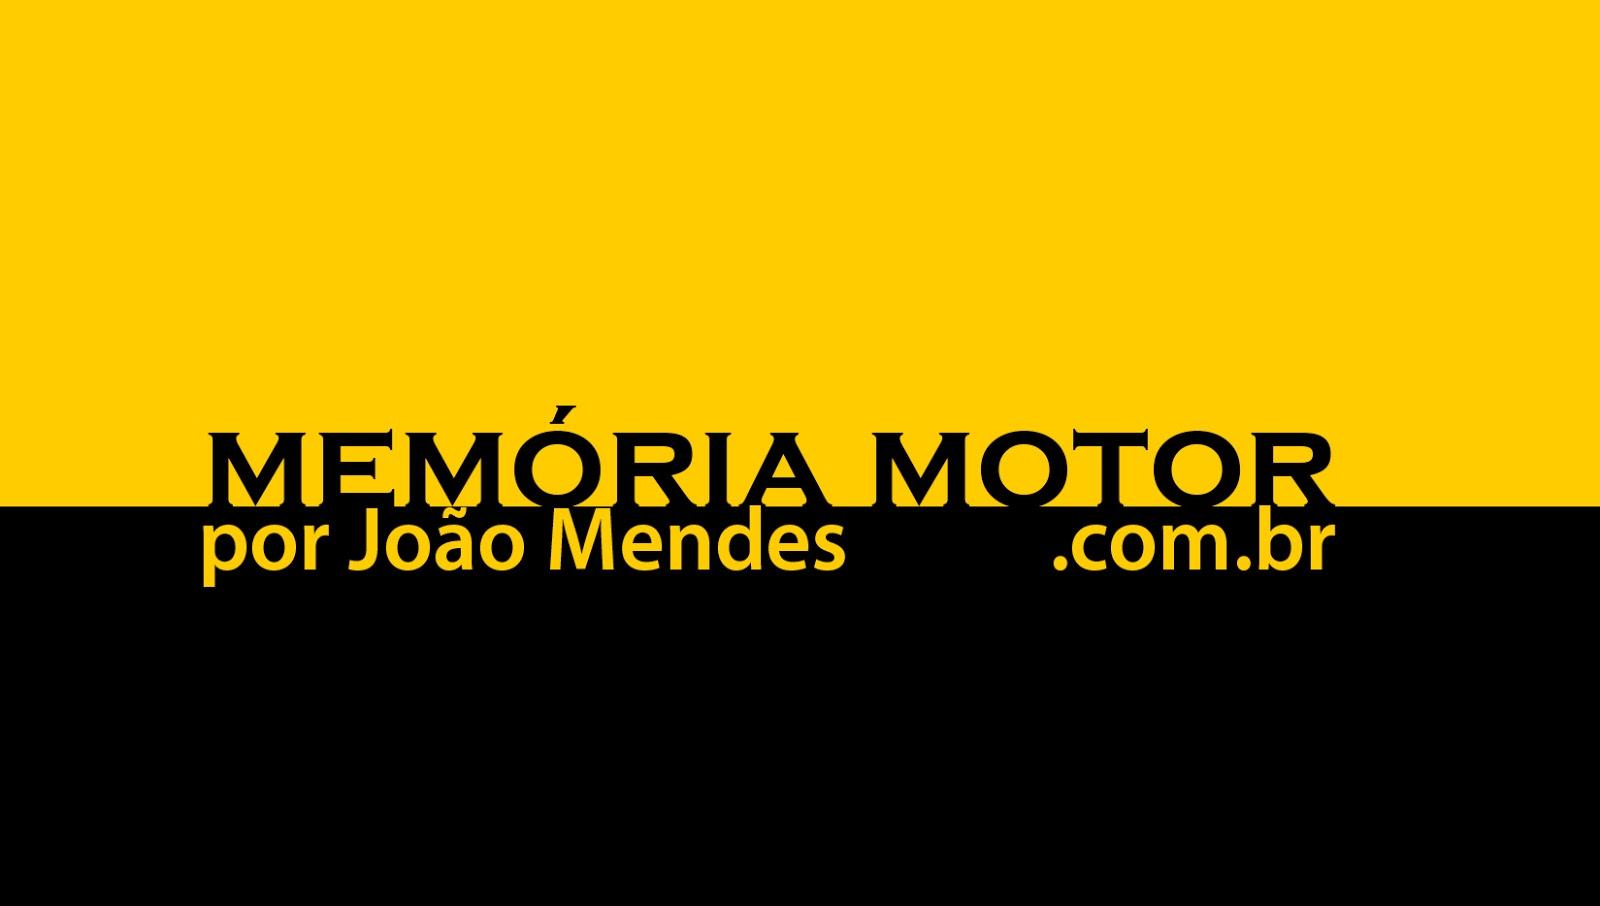 Memória Motor